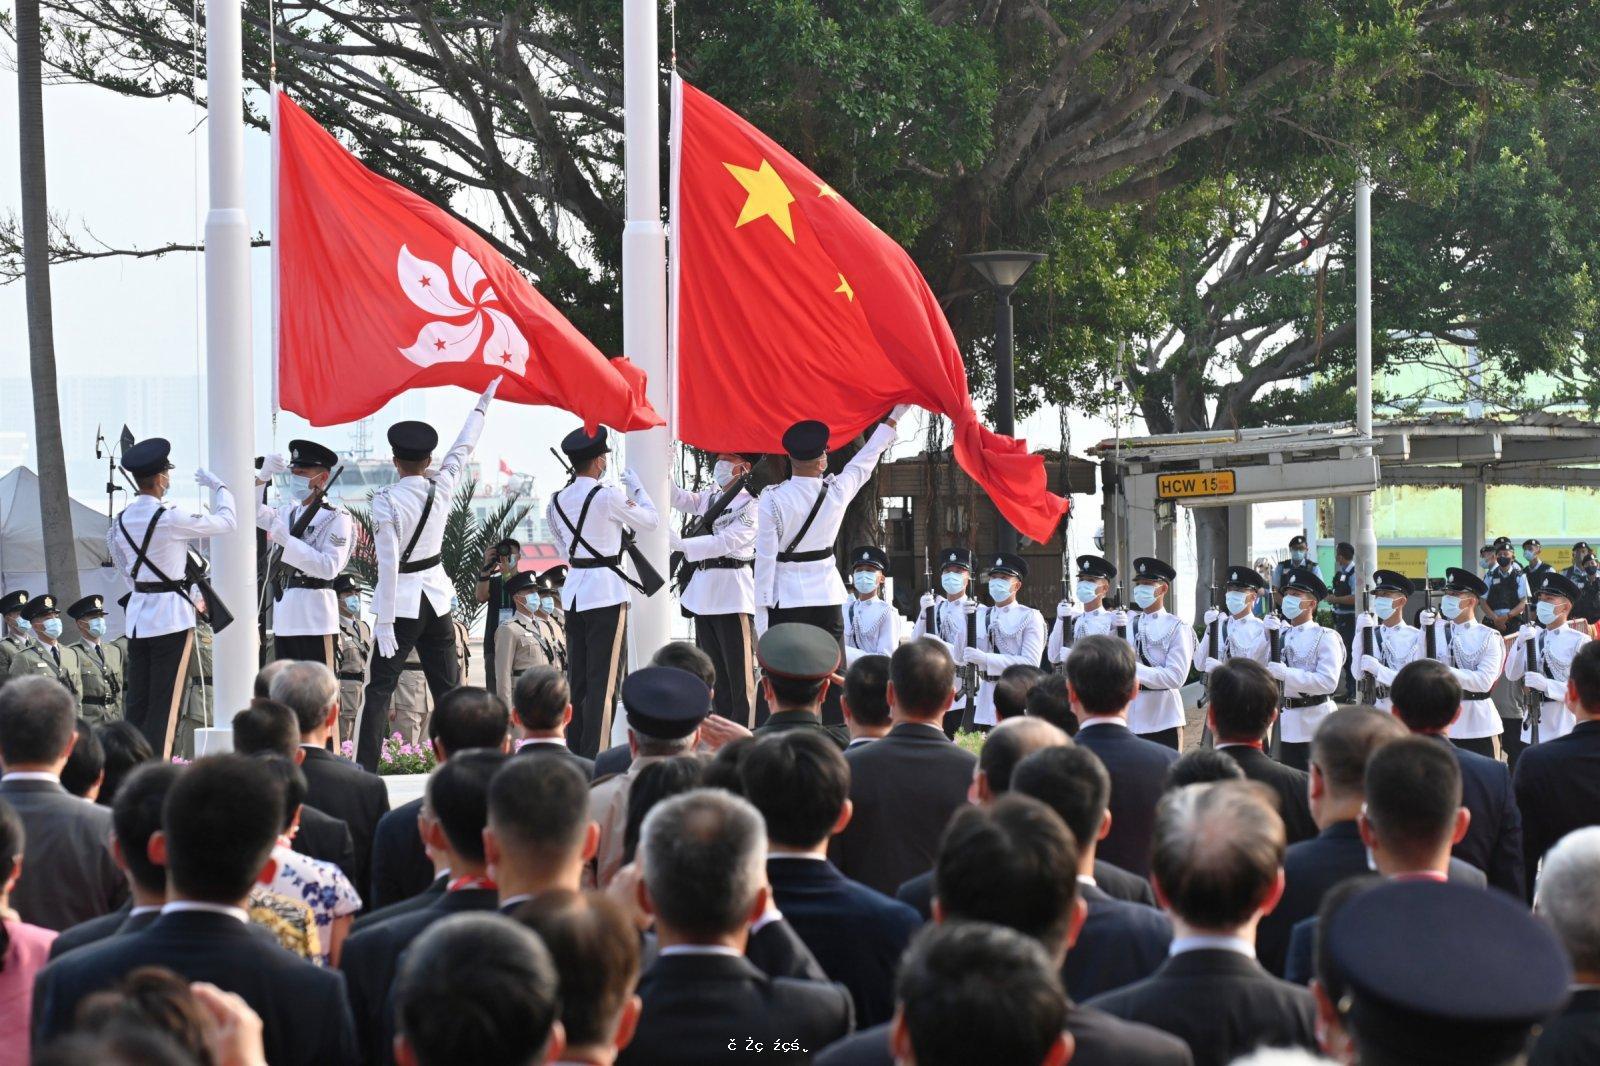 李家超:香港政治體制踏進新里程 迎來有效施政新篇章